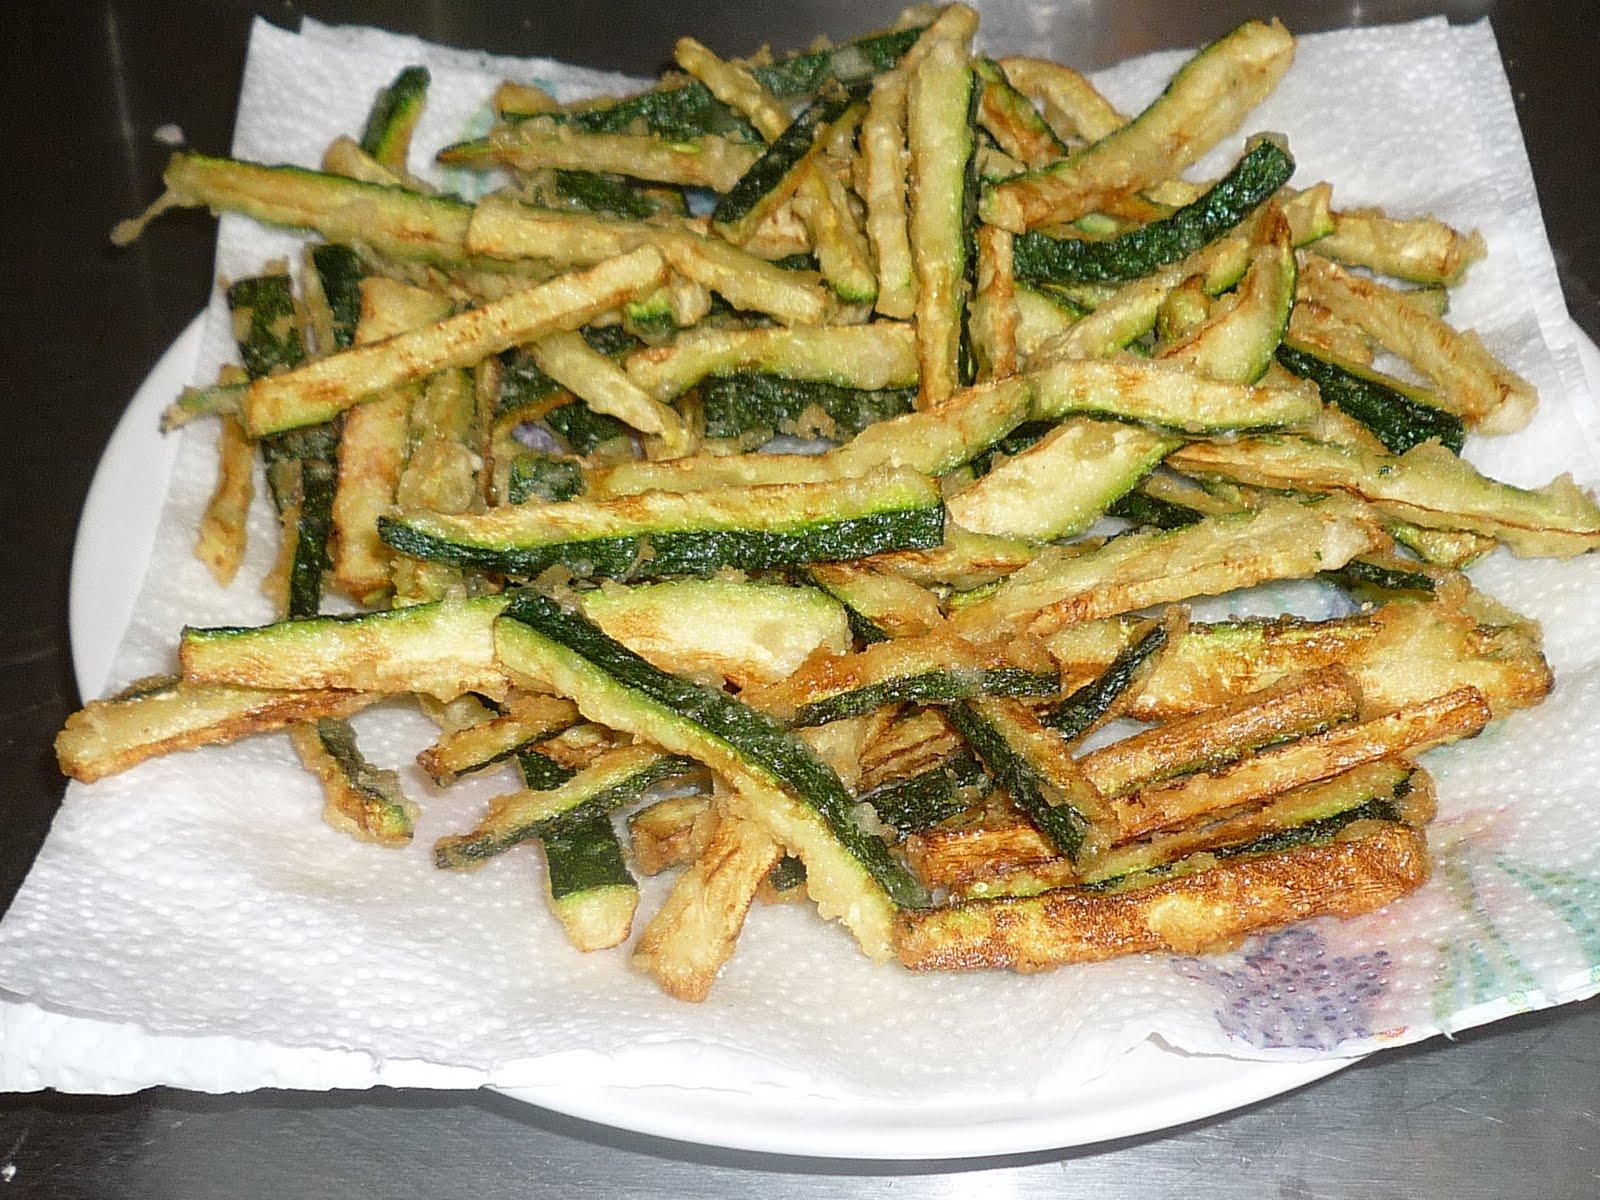 Zucchine a bastoncino fritte da due teste e quattro fornelli su akkiapparicette - Cucinare le zucchine in modo dietetico ...